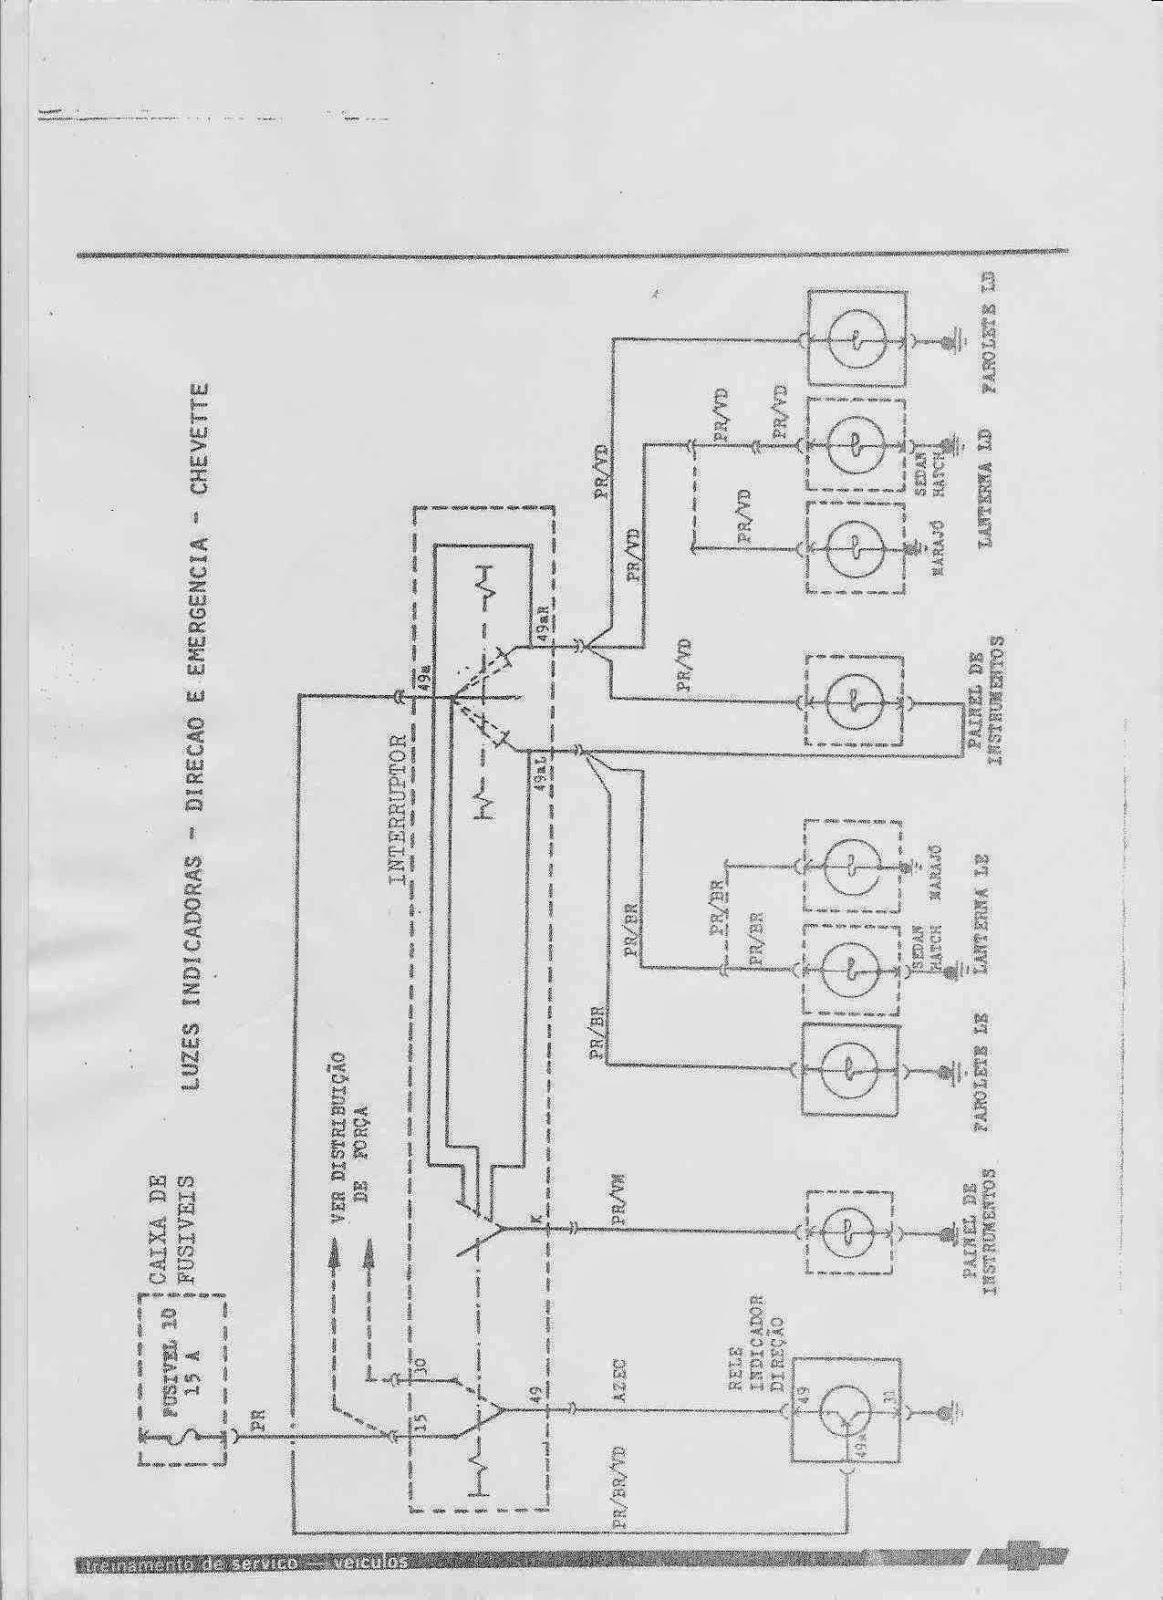 ep inje o eletr nica esquema el trico do chevette rh correntecontinuaautomotiva blogspot com Alternador Bearing Alternador Bearing